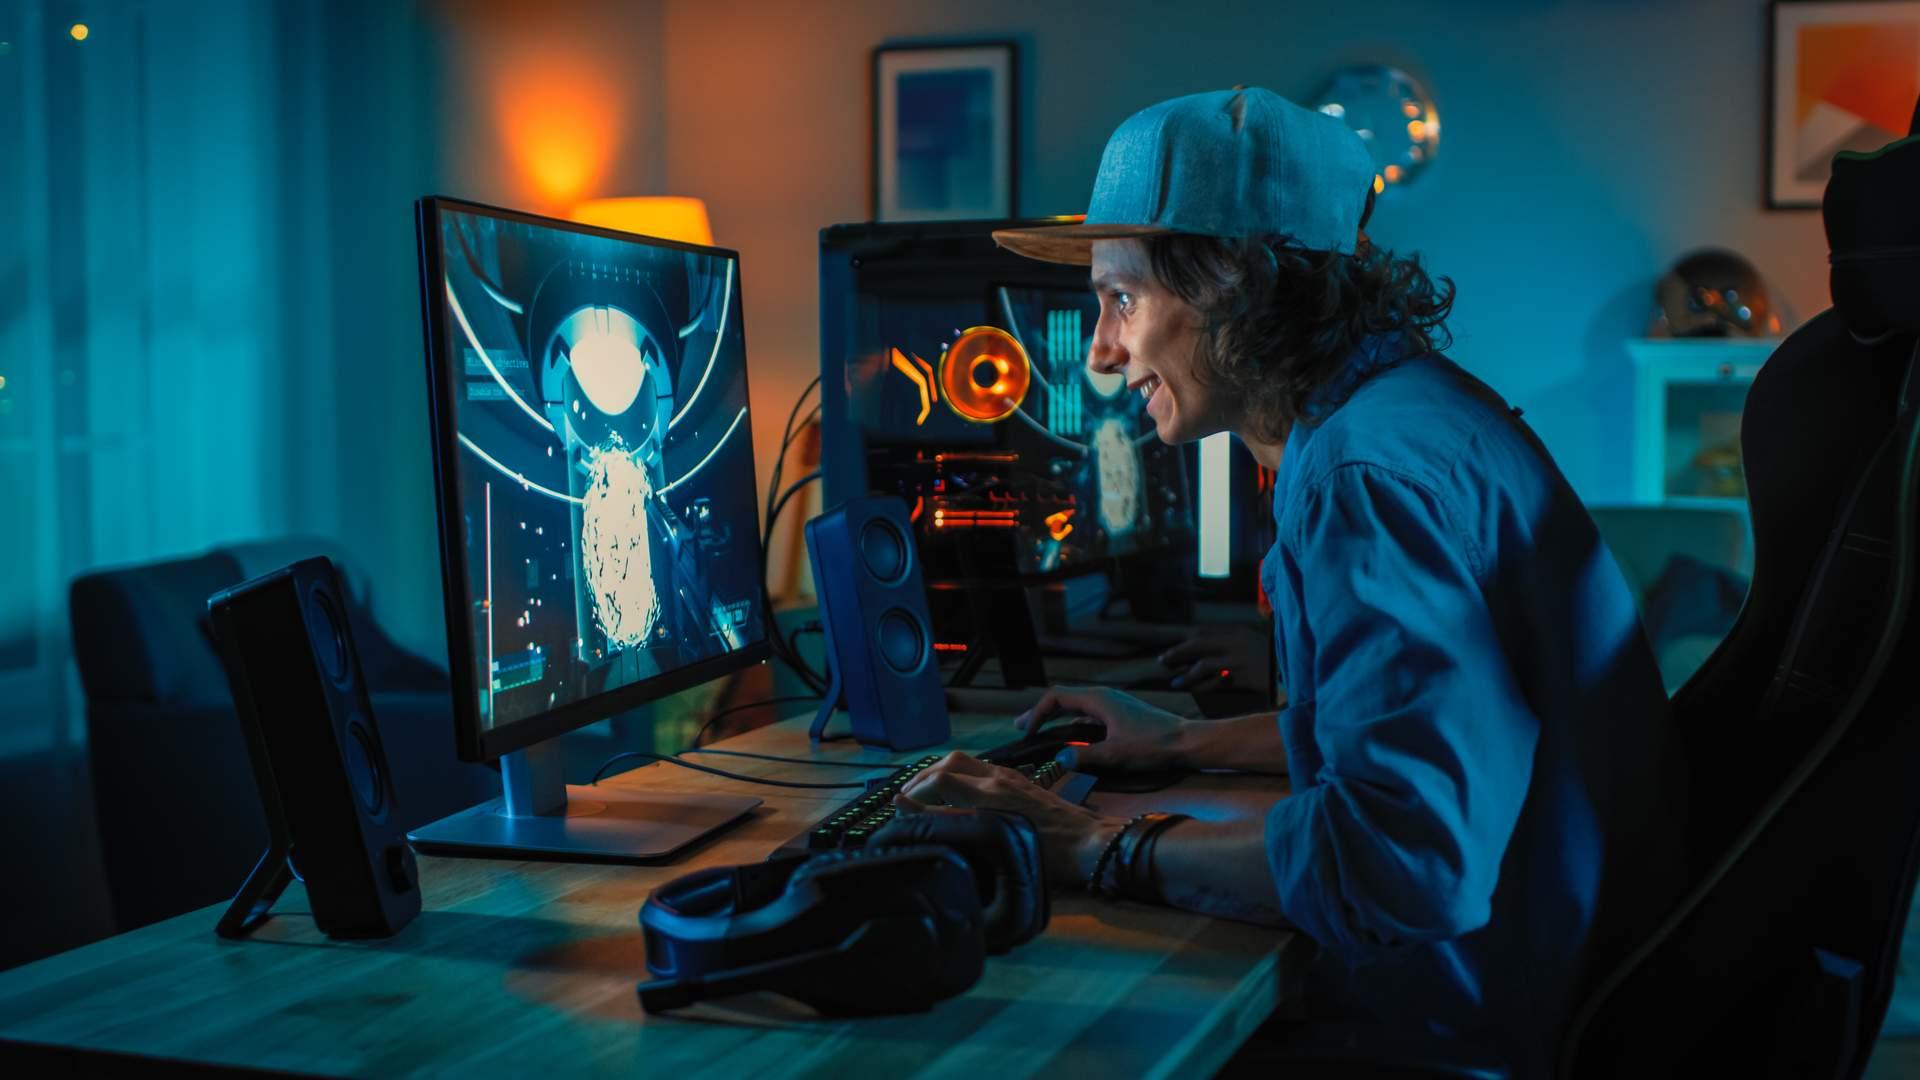 Um PC gamer que rode os jogos atuais exigirá uma placa-mãe robusta para conseguir ter as melhores peças (Fonte: Shutterstock/Gorodenkoff)